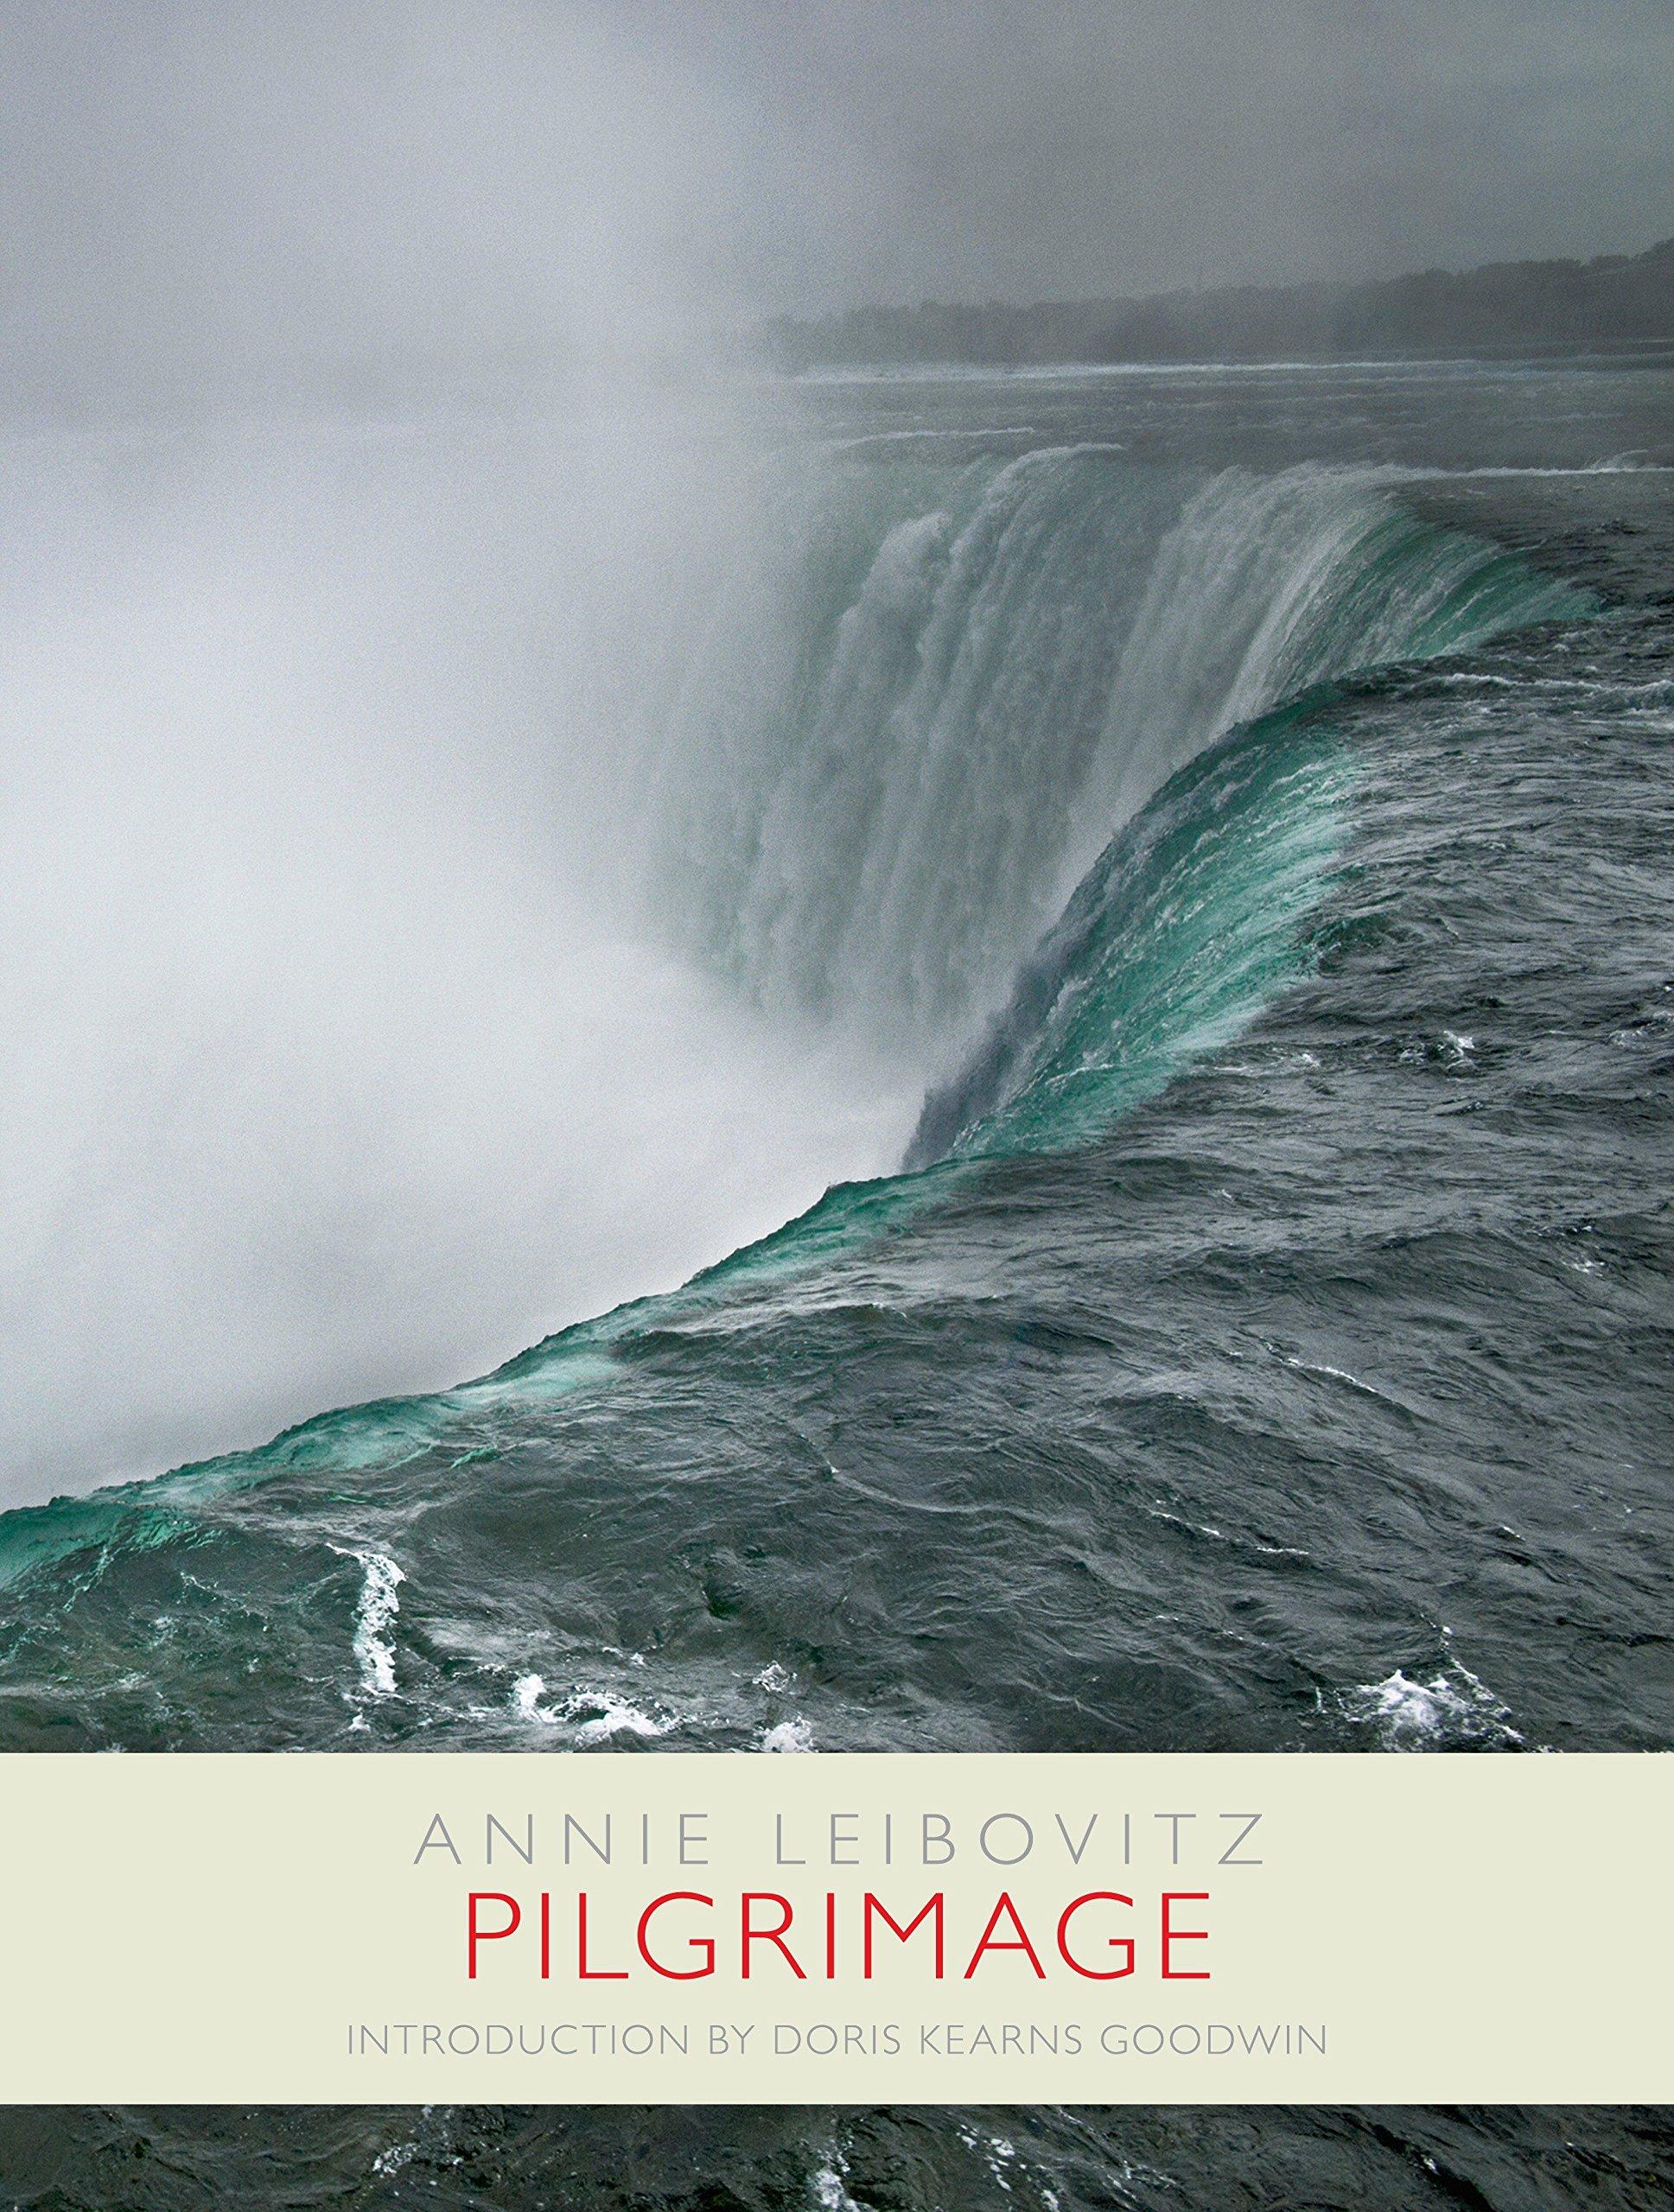 Amazon.com: Pilgrimage (9780375505089): Annie Leibovitz ...